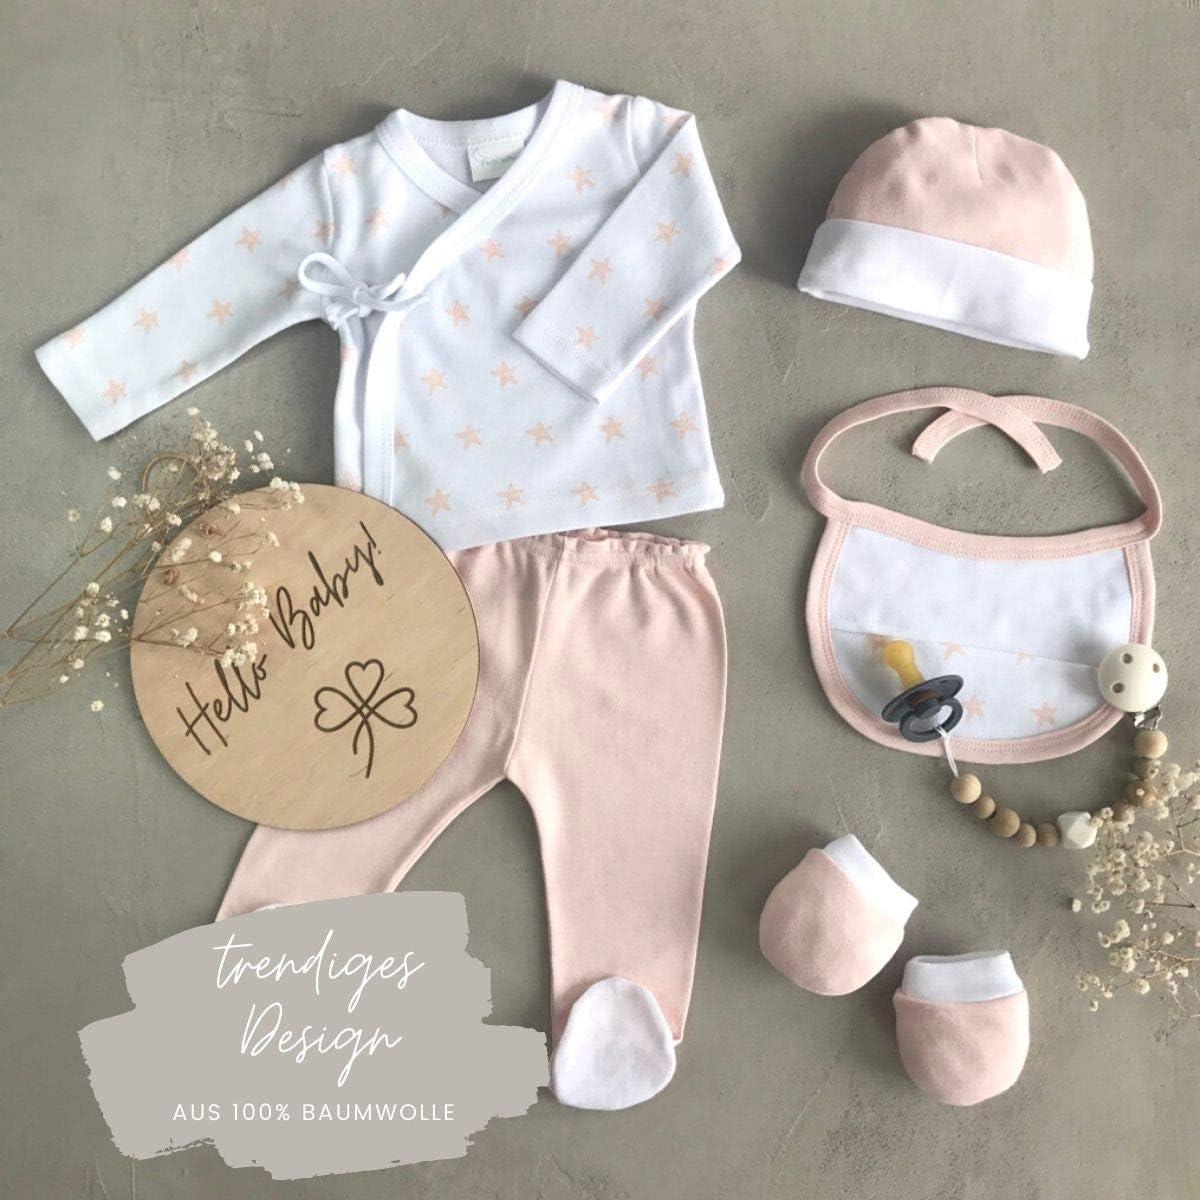 equipamiento b/ásico para beb/é para ni/ño//ni/ña ropa de beb/é reci/én nacidos equipamiento para beb/é. regalos DIKOS Juego de ropa para reci/én nacidos